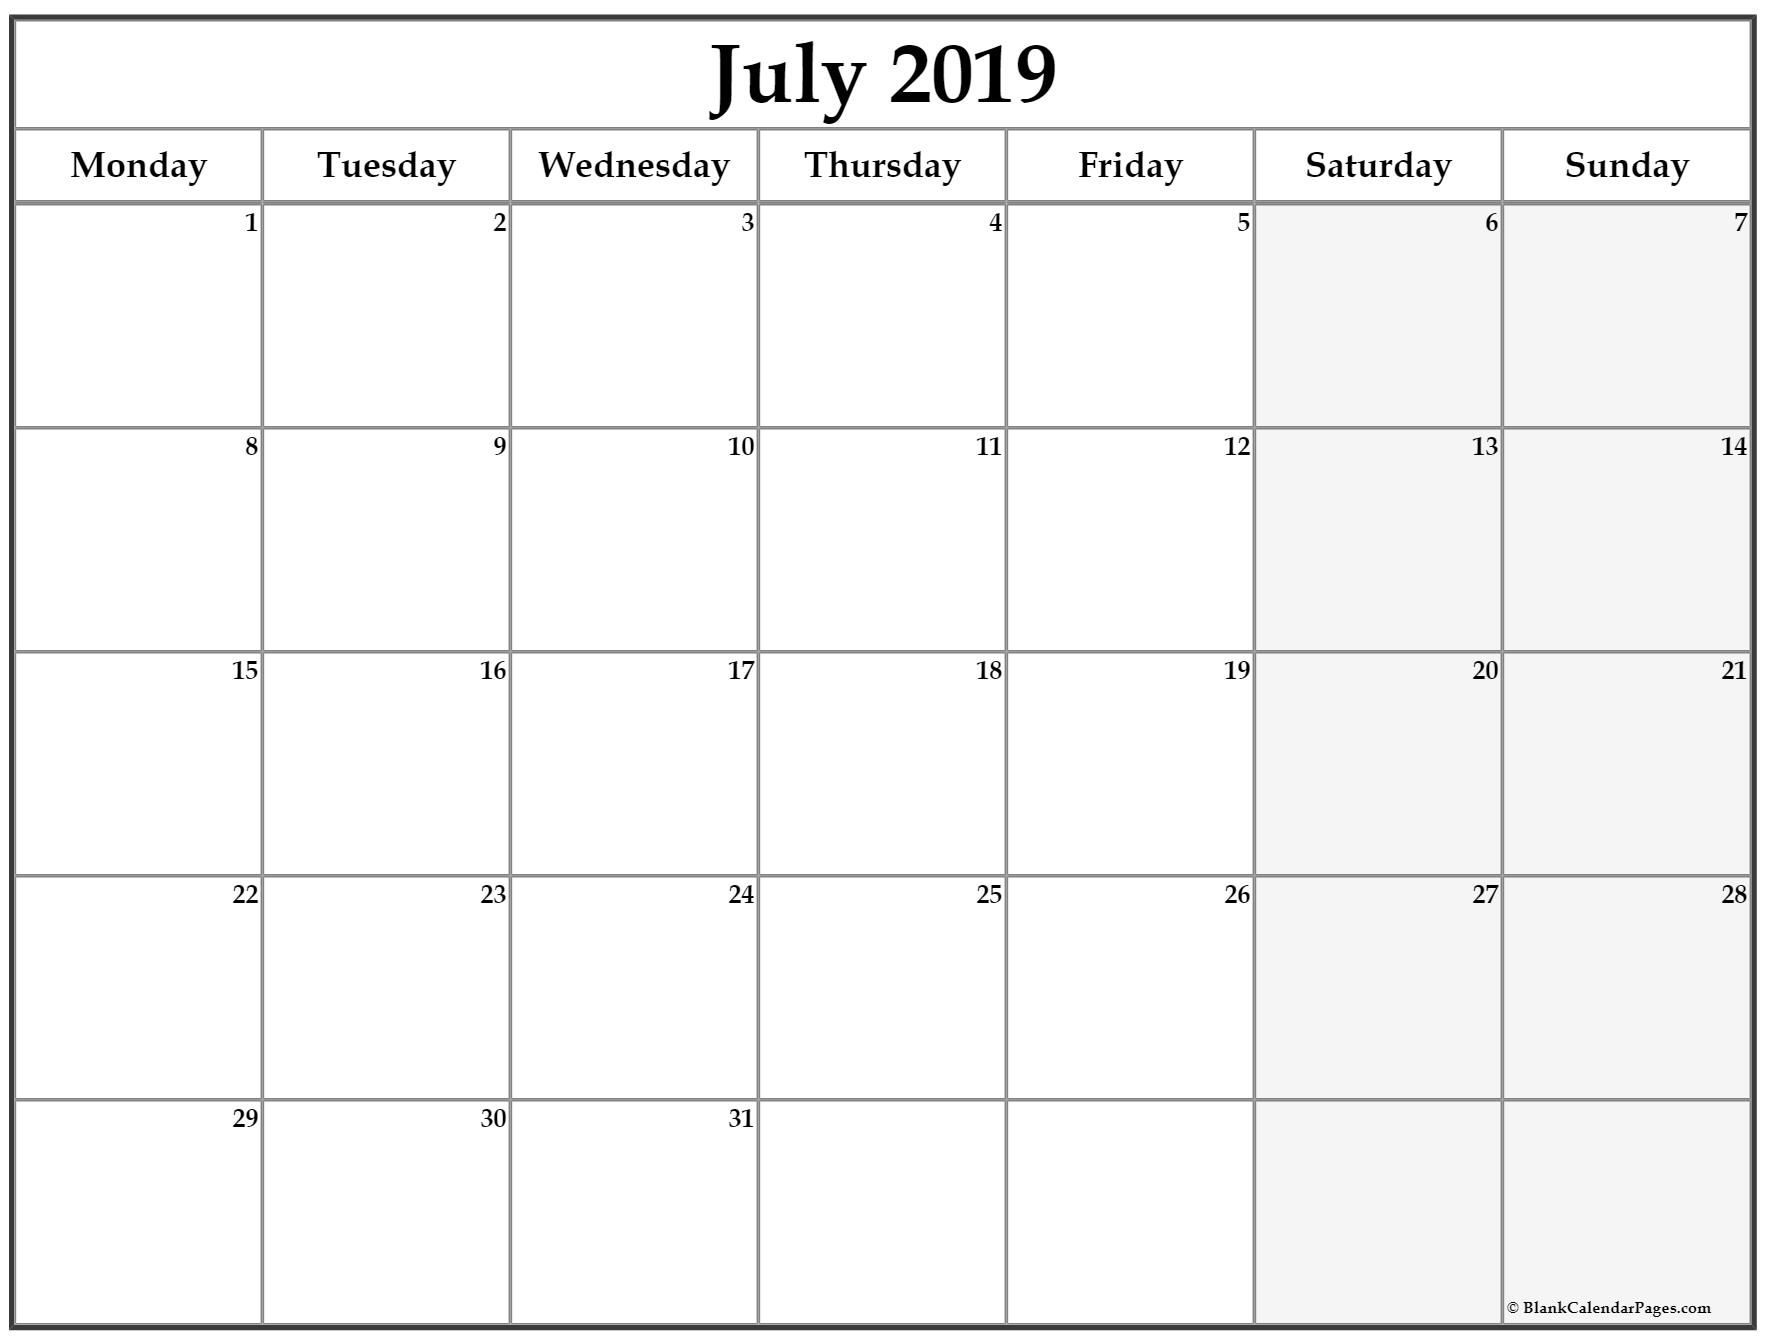 Get Monday To Sunday Calendar